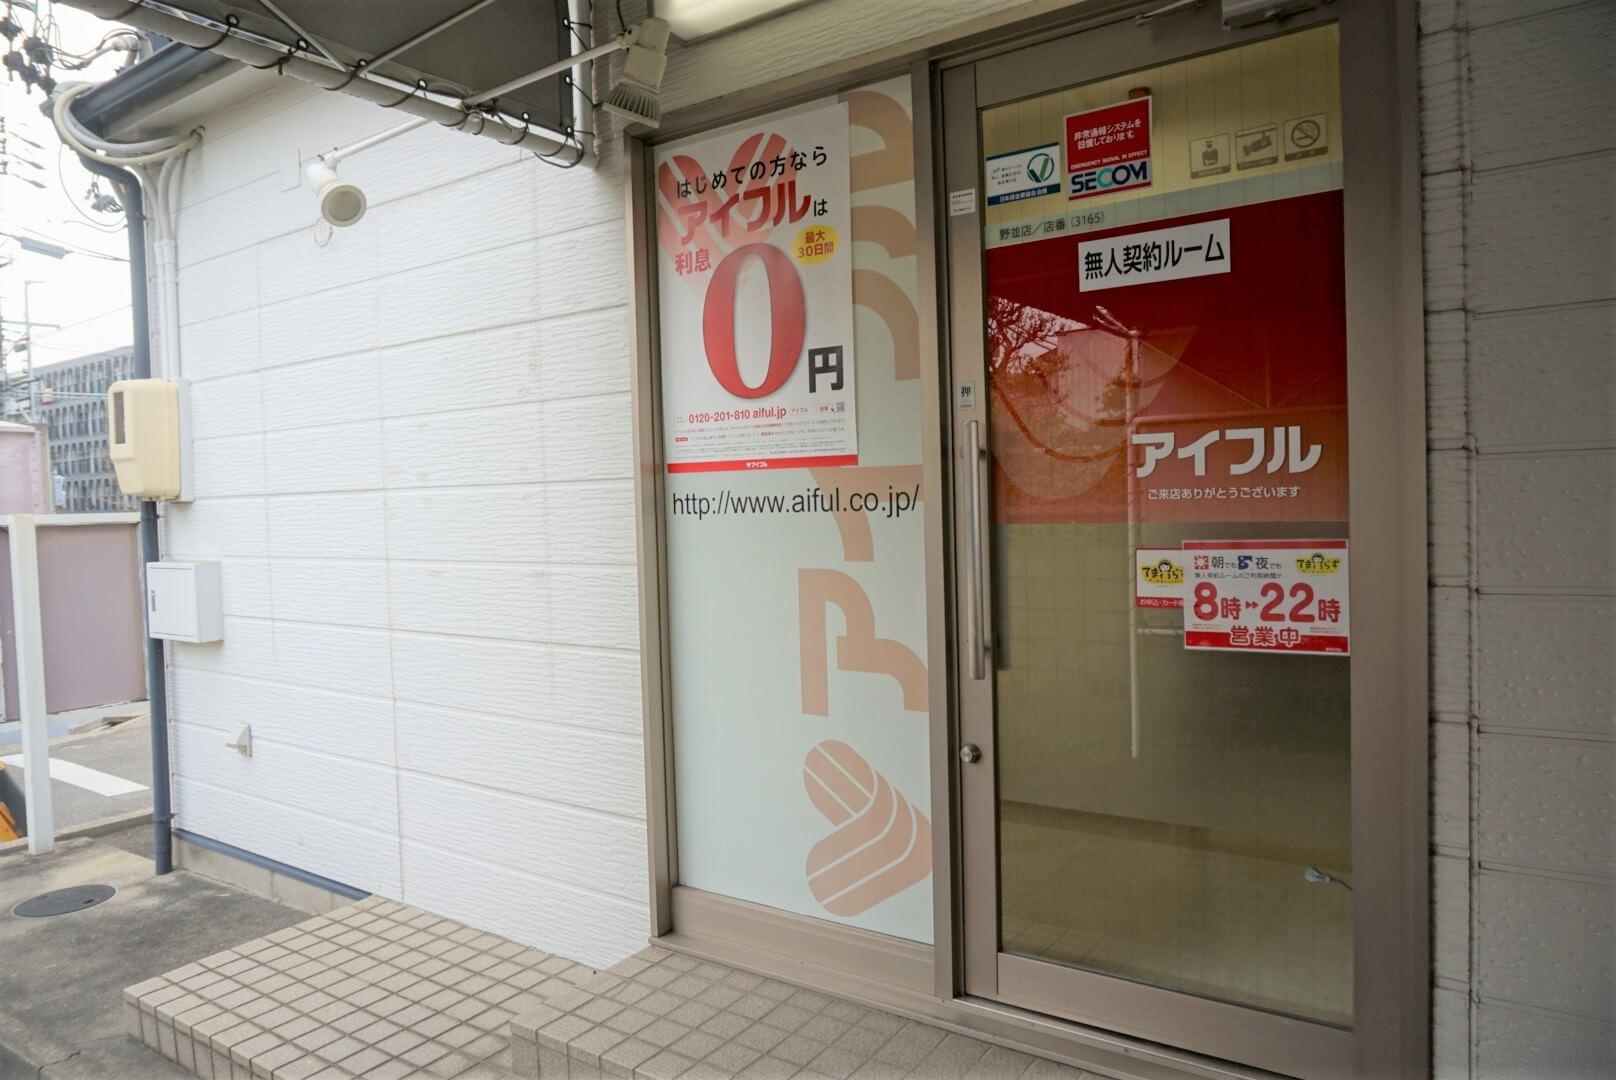 アイフル店舗の写真